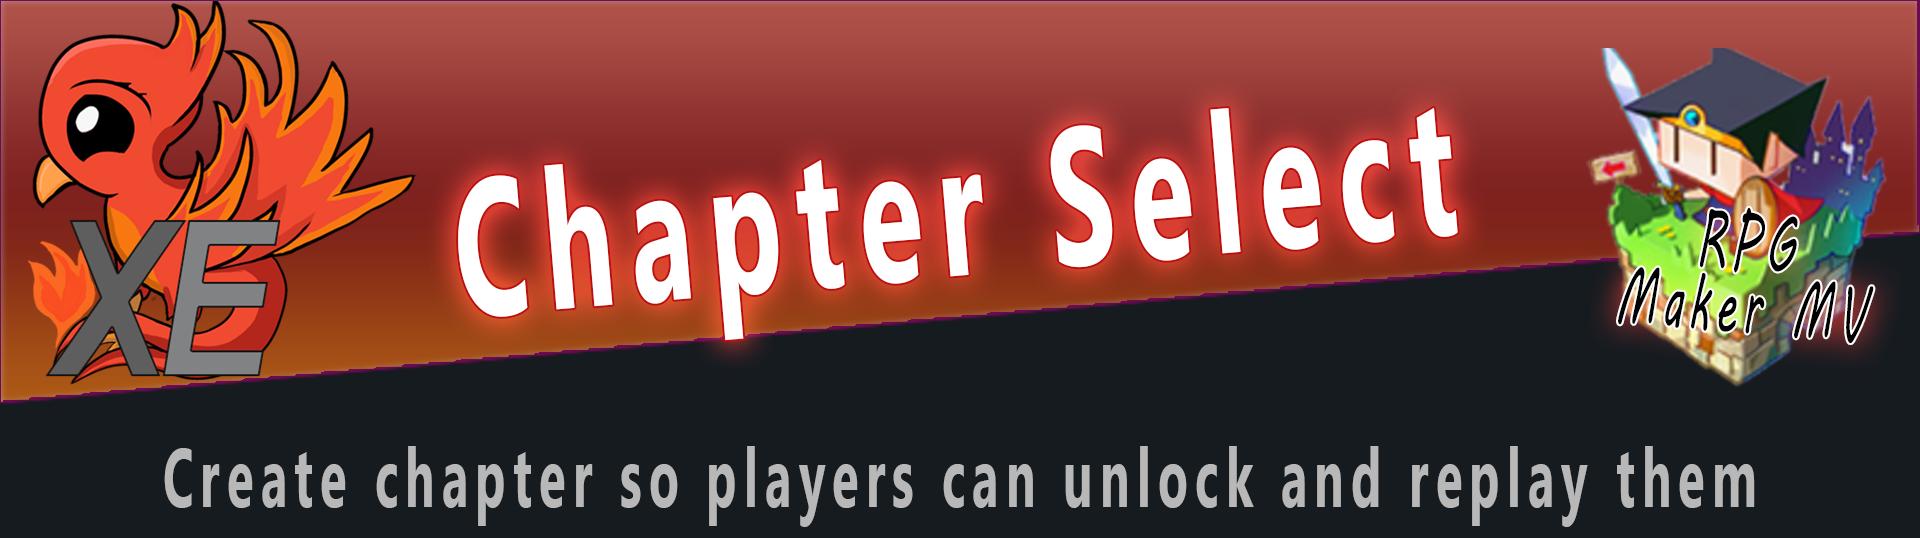 Chapter Select X For RPG Maker MV